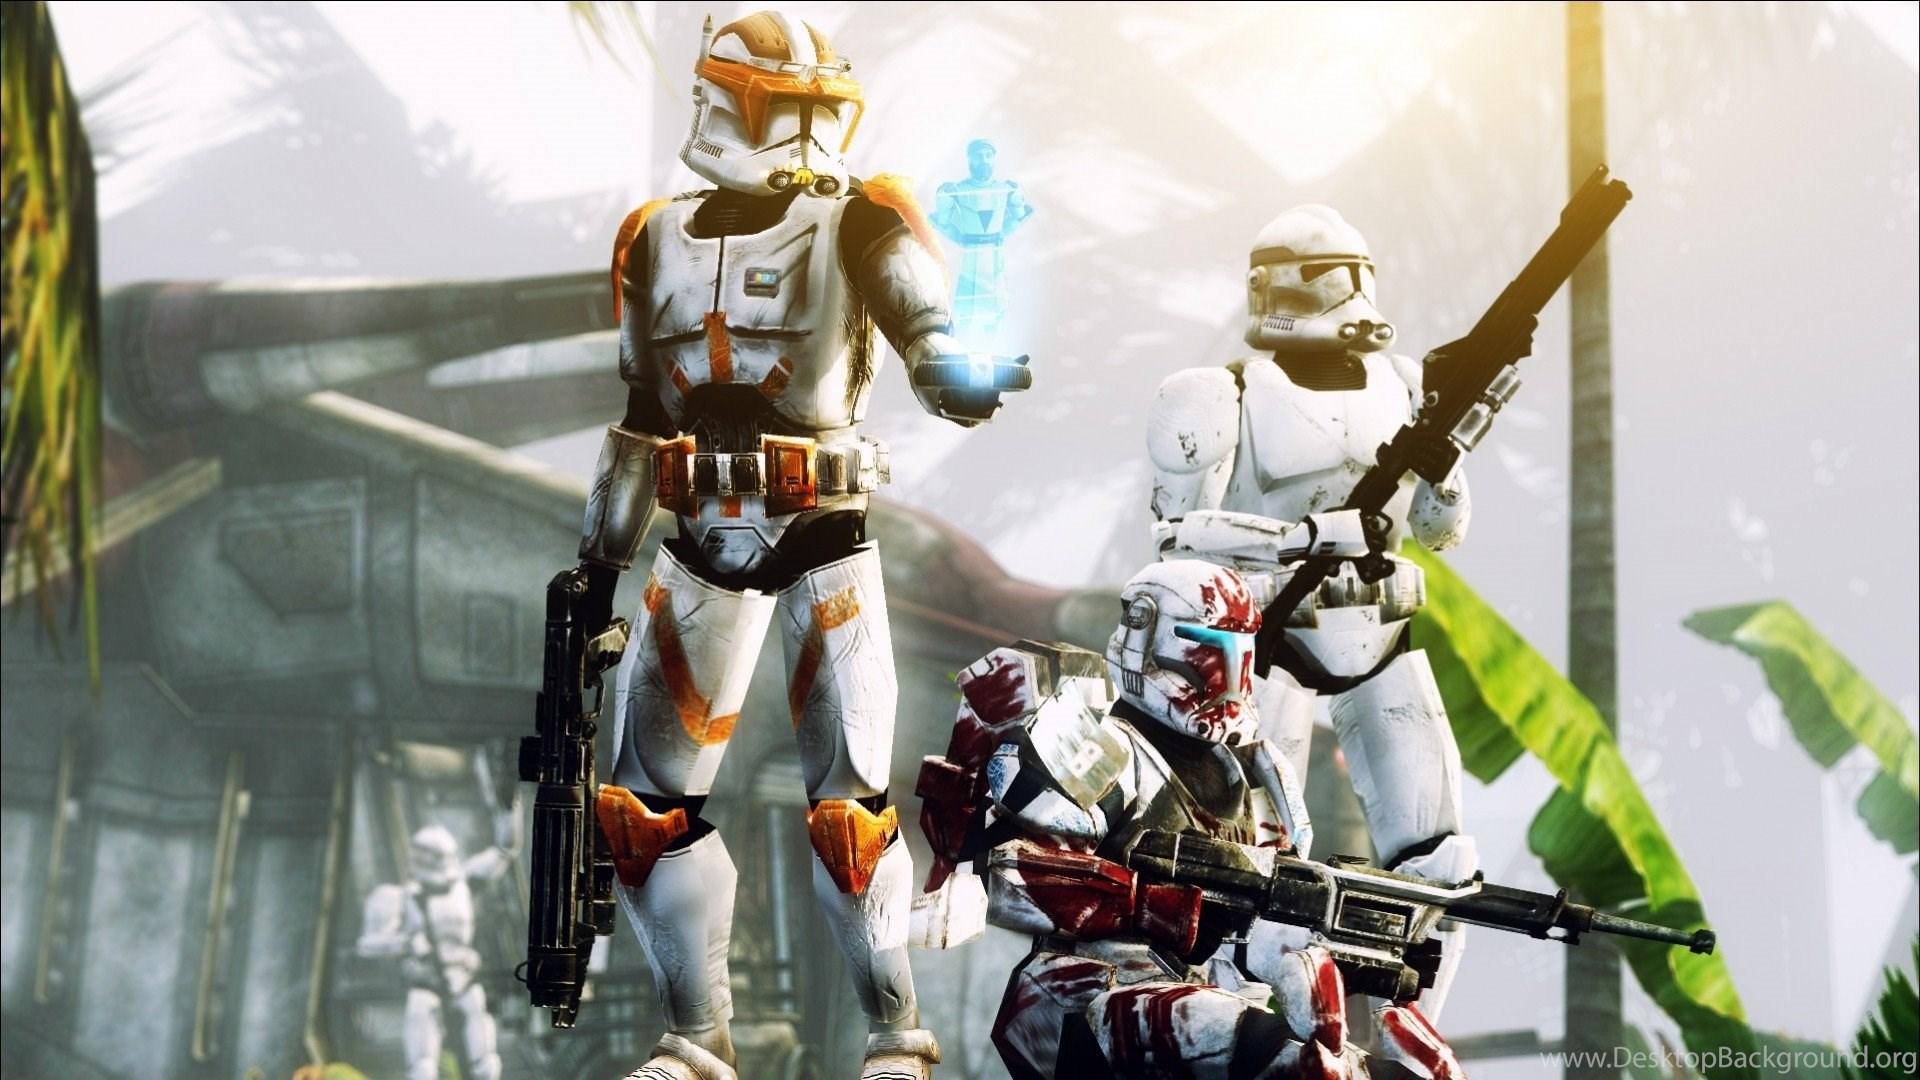 Clone Wars Star Wars 1920x1080 1080p Wallpapers Hd